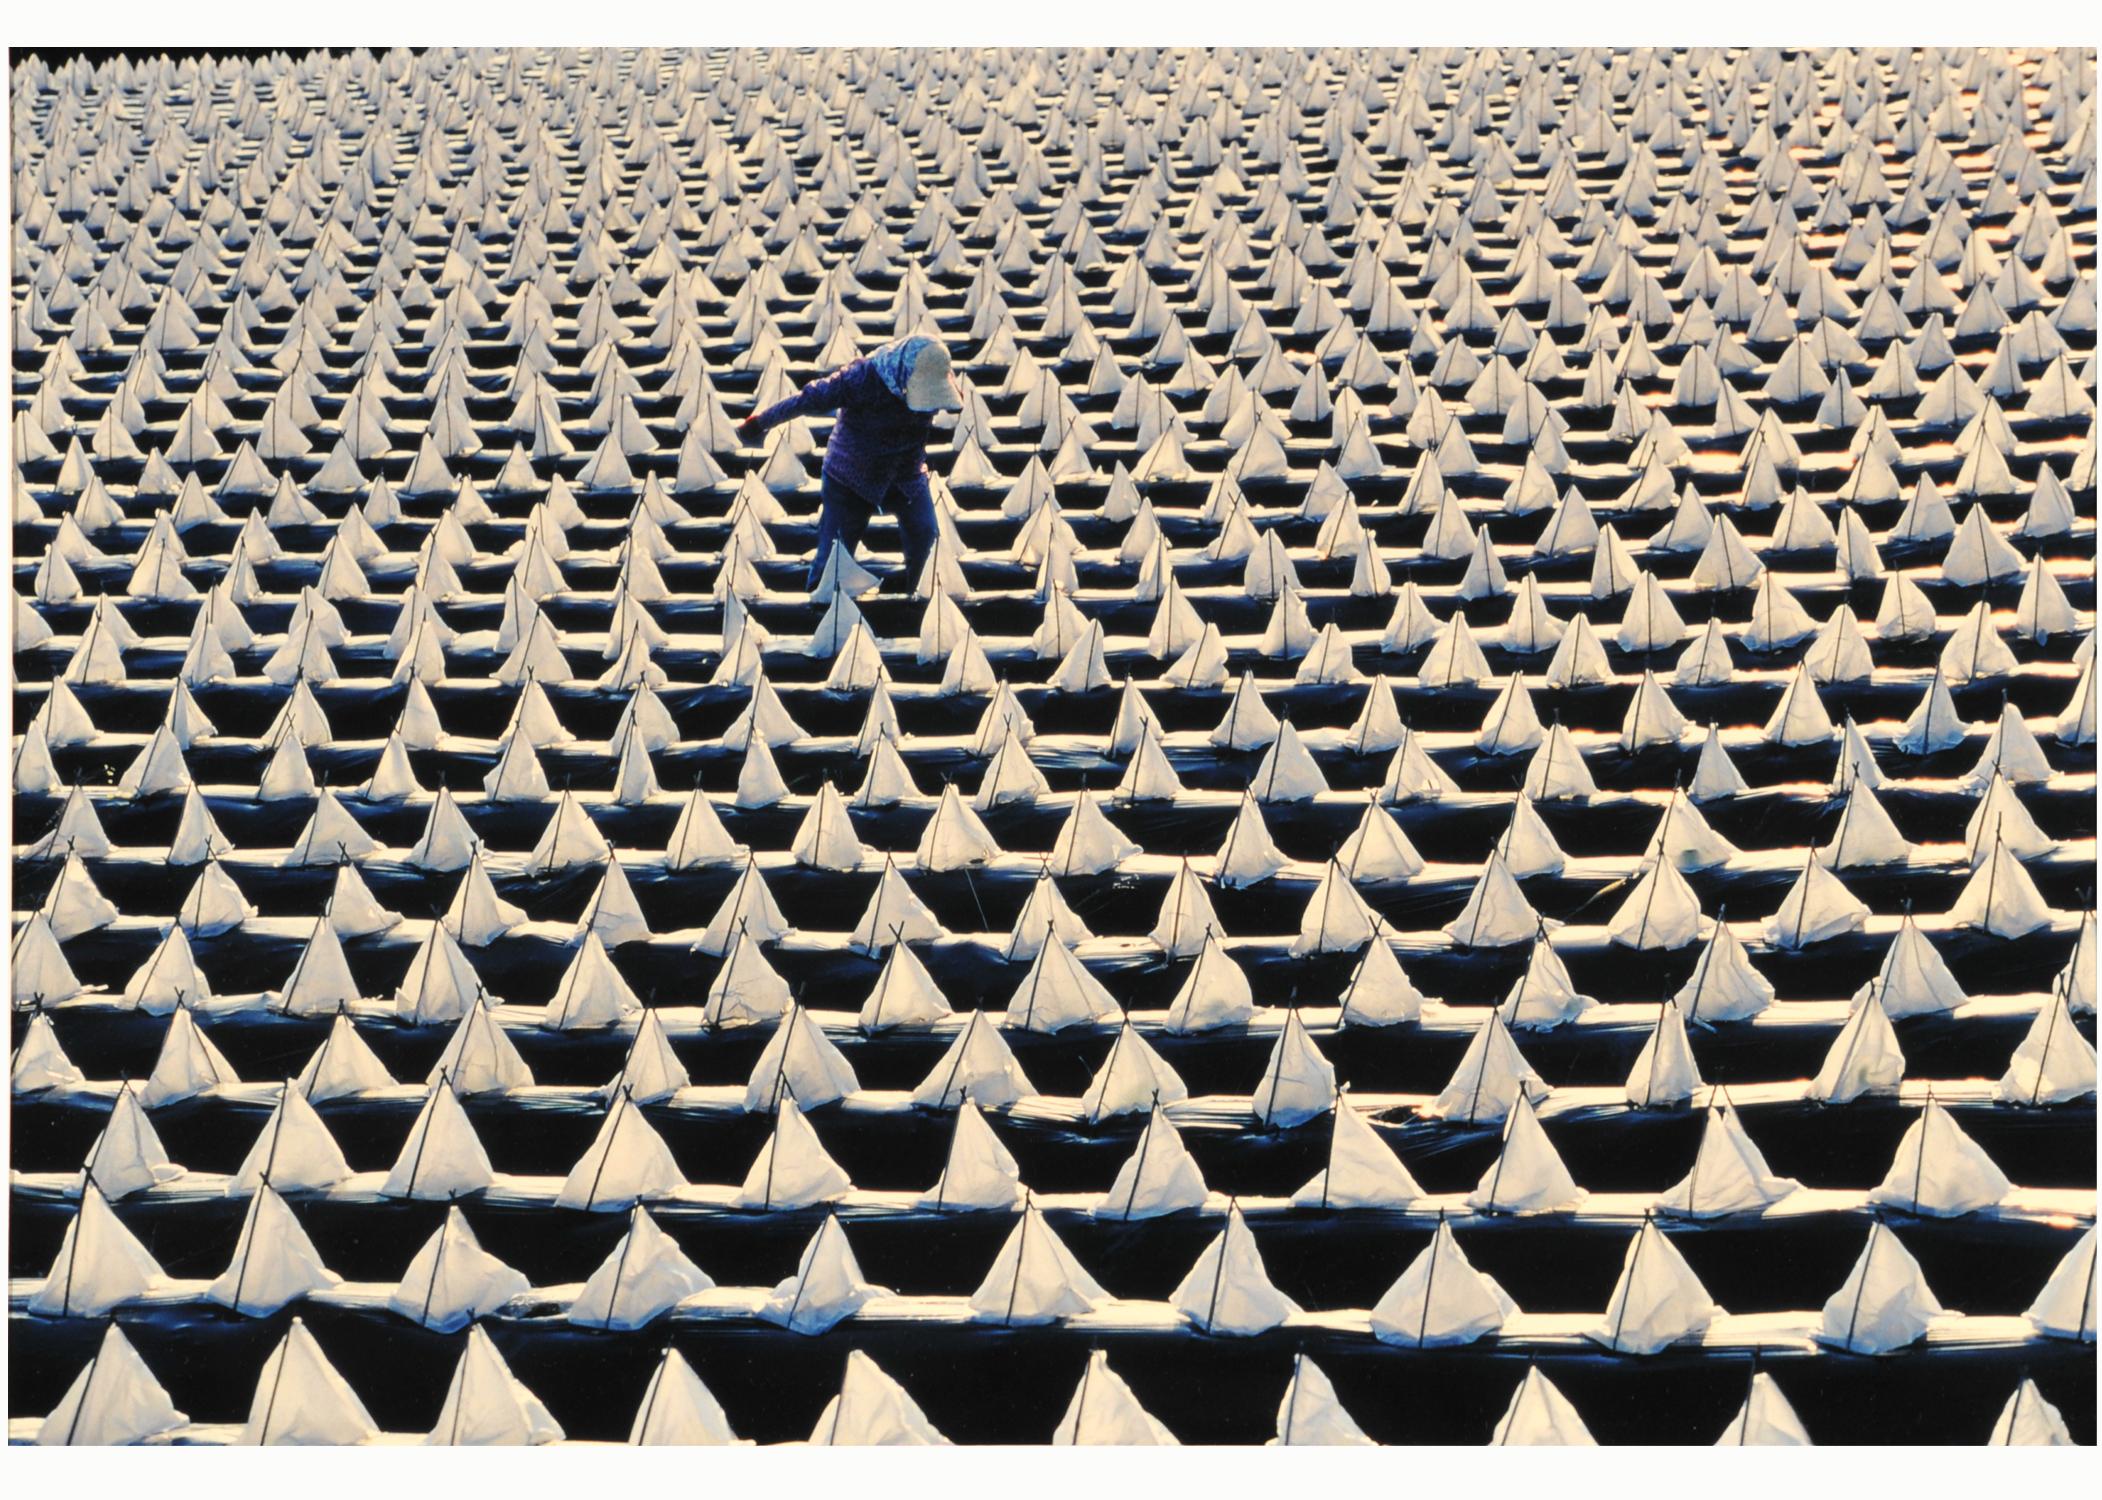 第54回滋賀県写真展覧会特選「たばこ畑」 園田 みちゑ